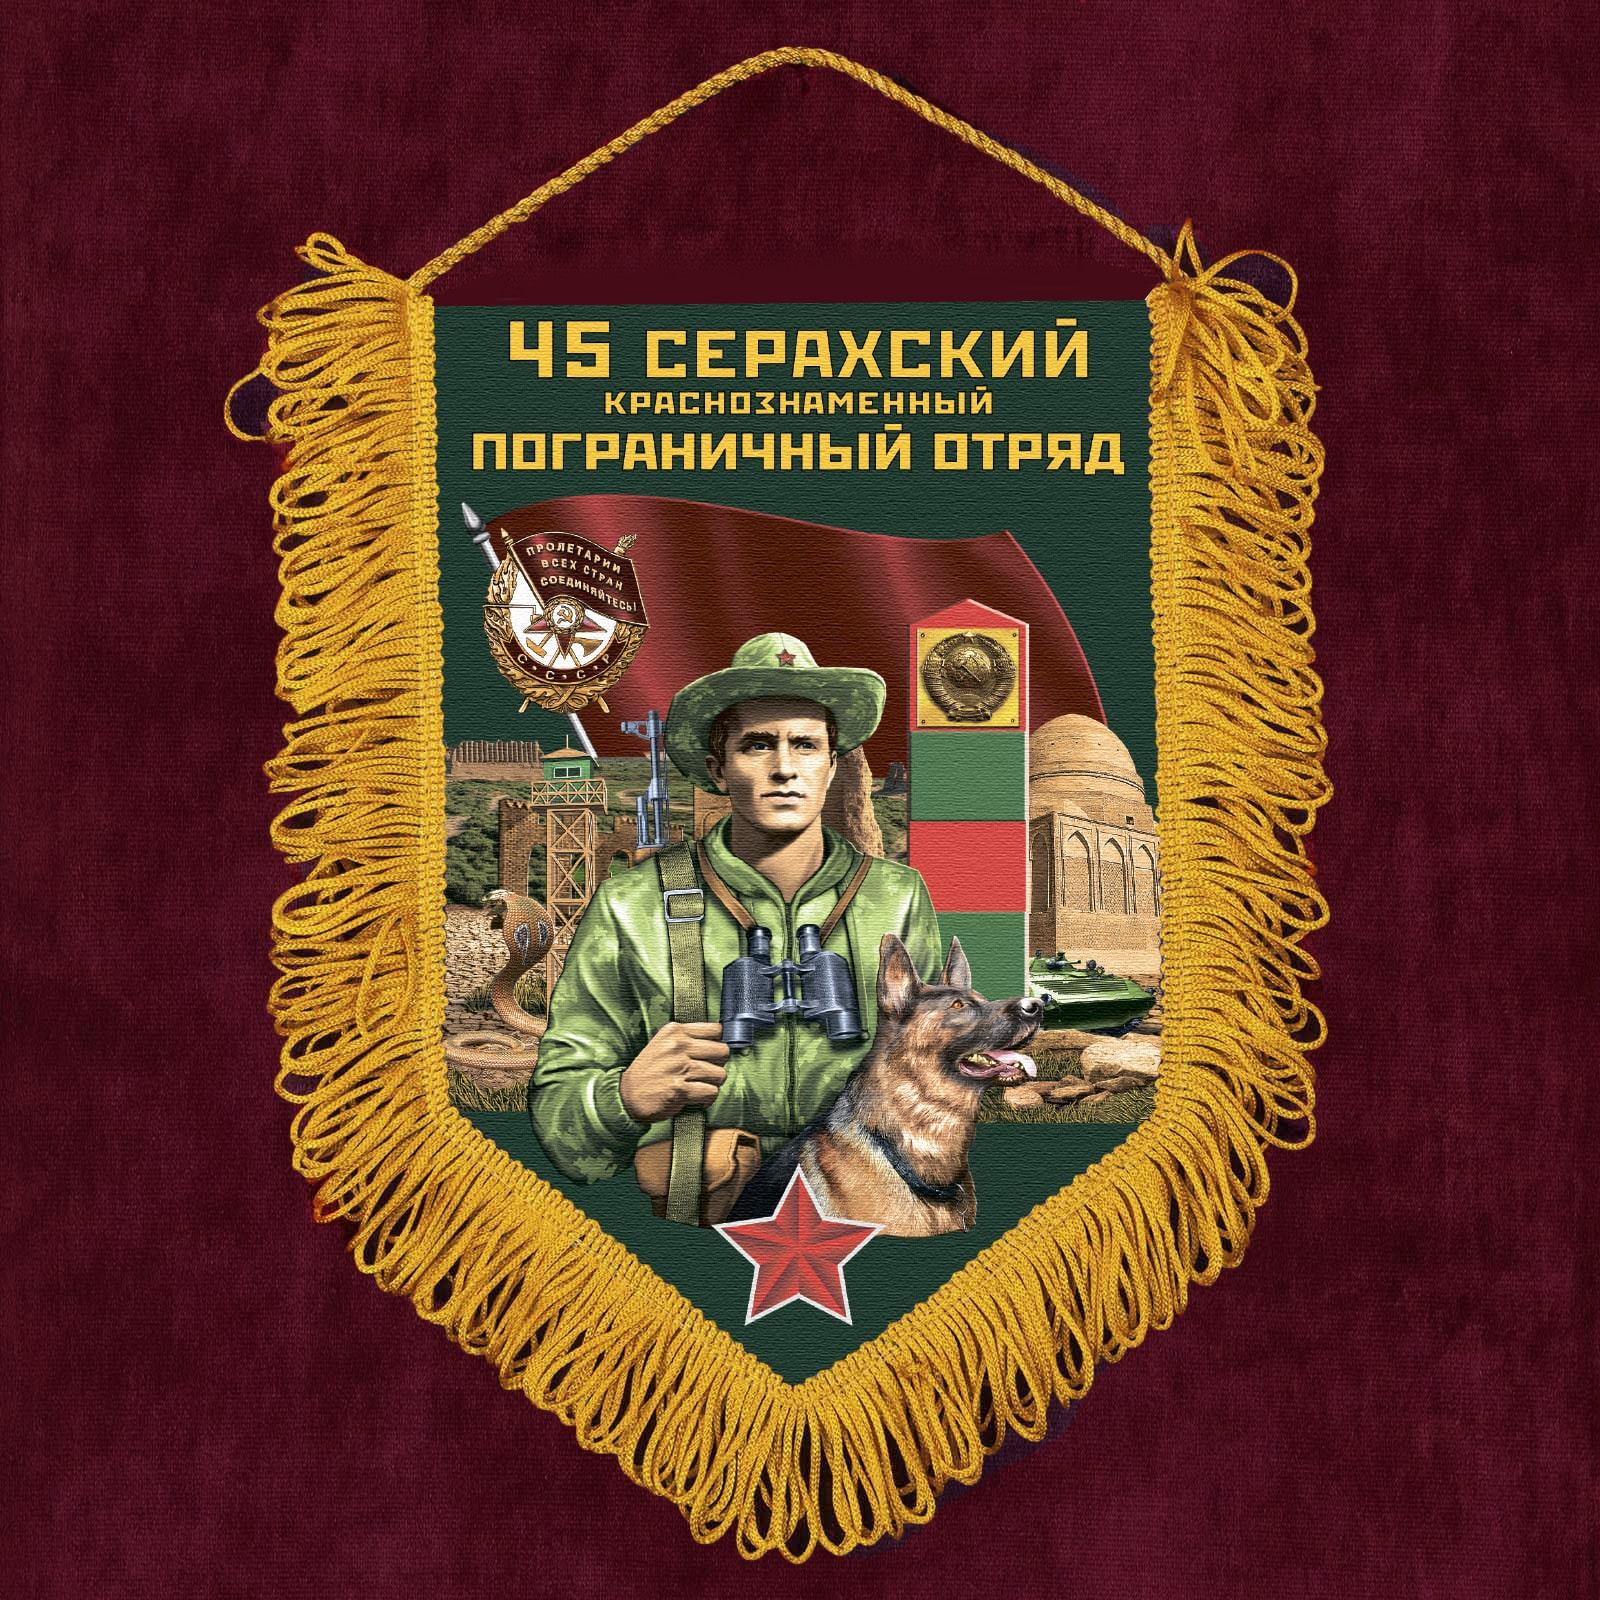 Наградной вымпел 45 Серахский пограничный отряд